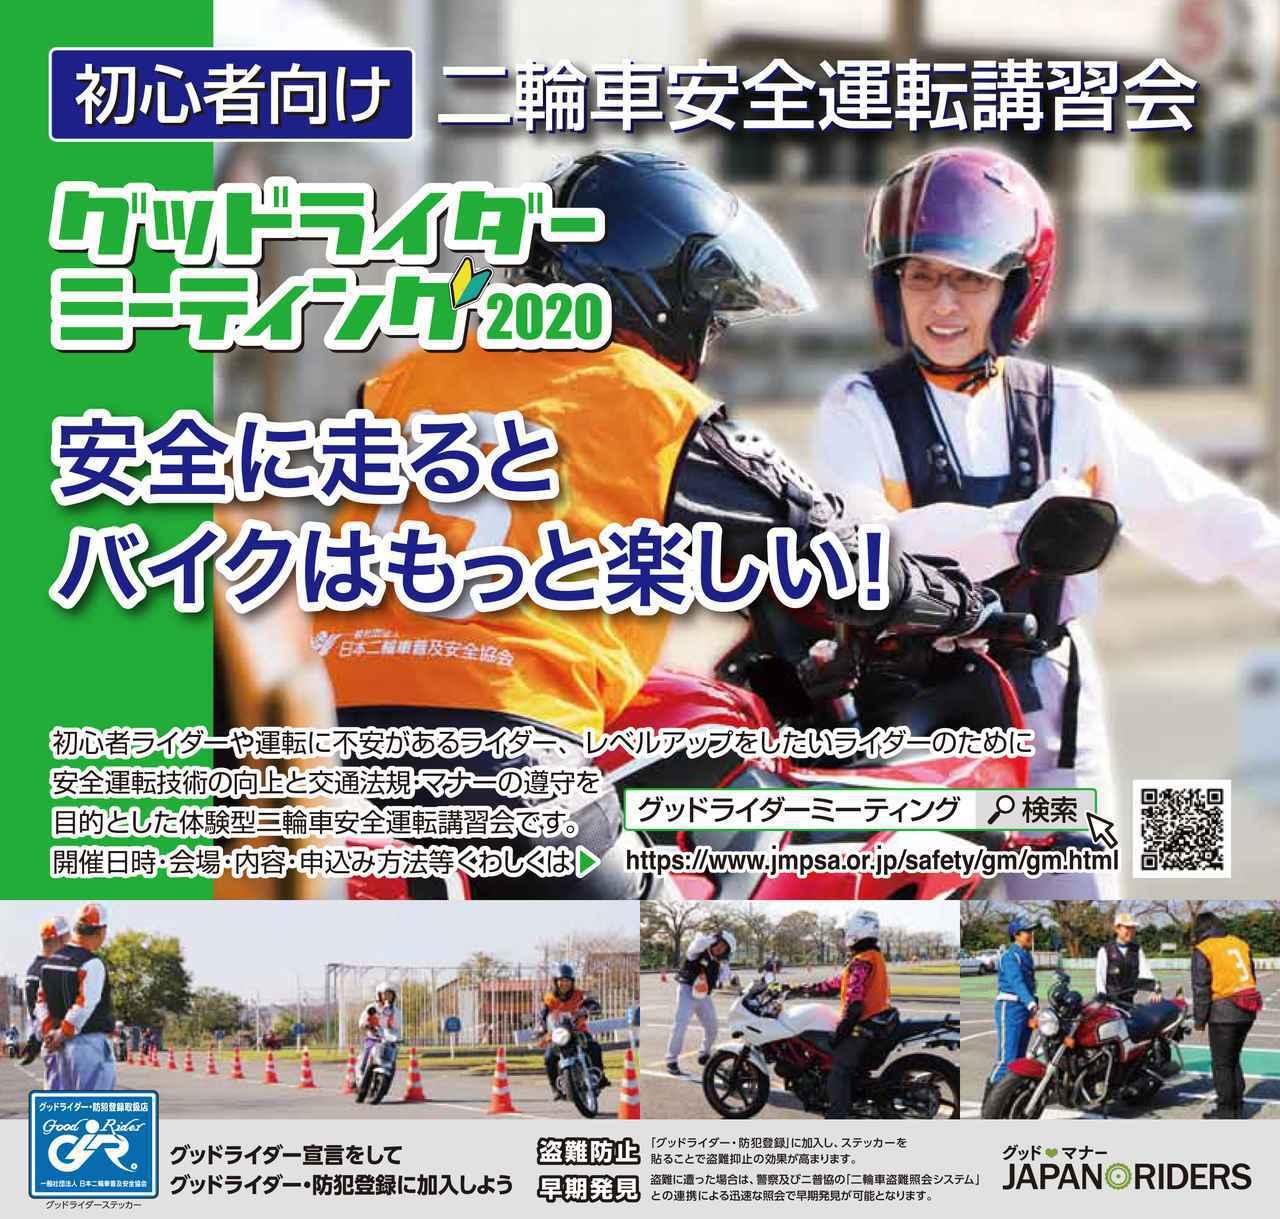 画像: 初心者向け二輪車安全運転講習「Gミーティング」 自身の技量確認とスキルアップを図る 2020年度計画発表/日本二普協